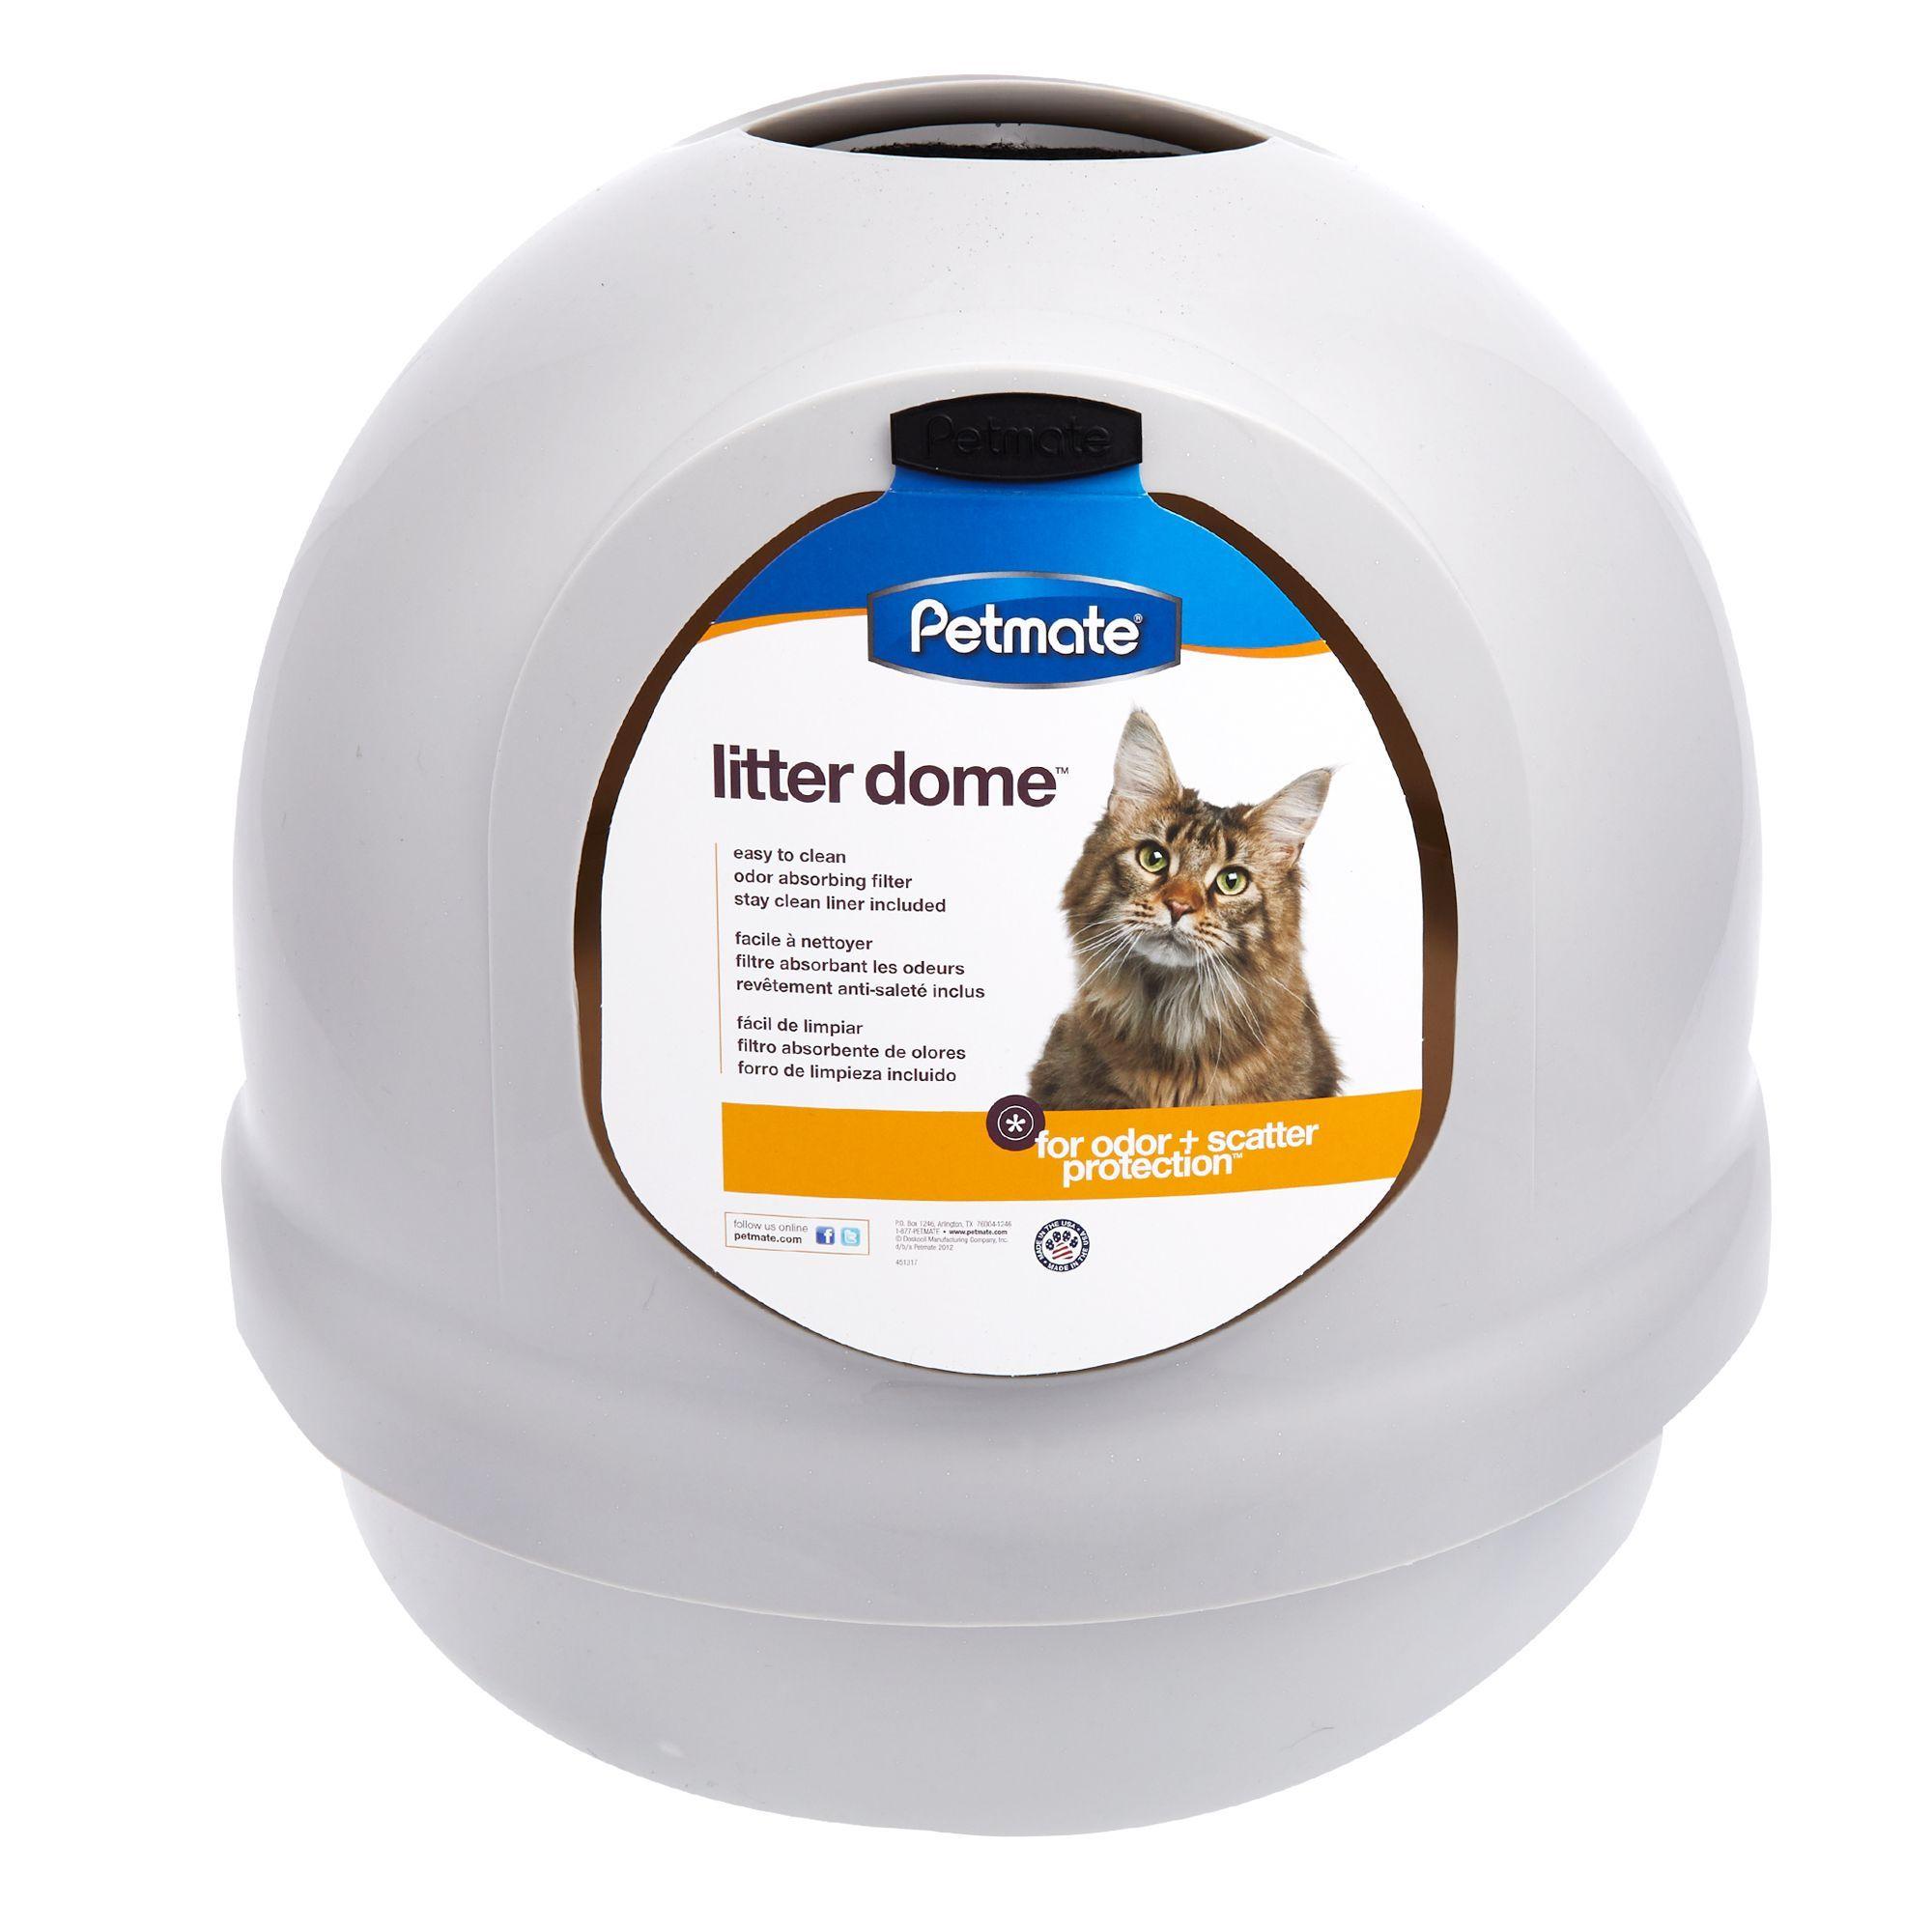 Petmate Booda Dome Litter Box In 2020 Pet Mat Litter Box Litter